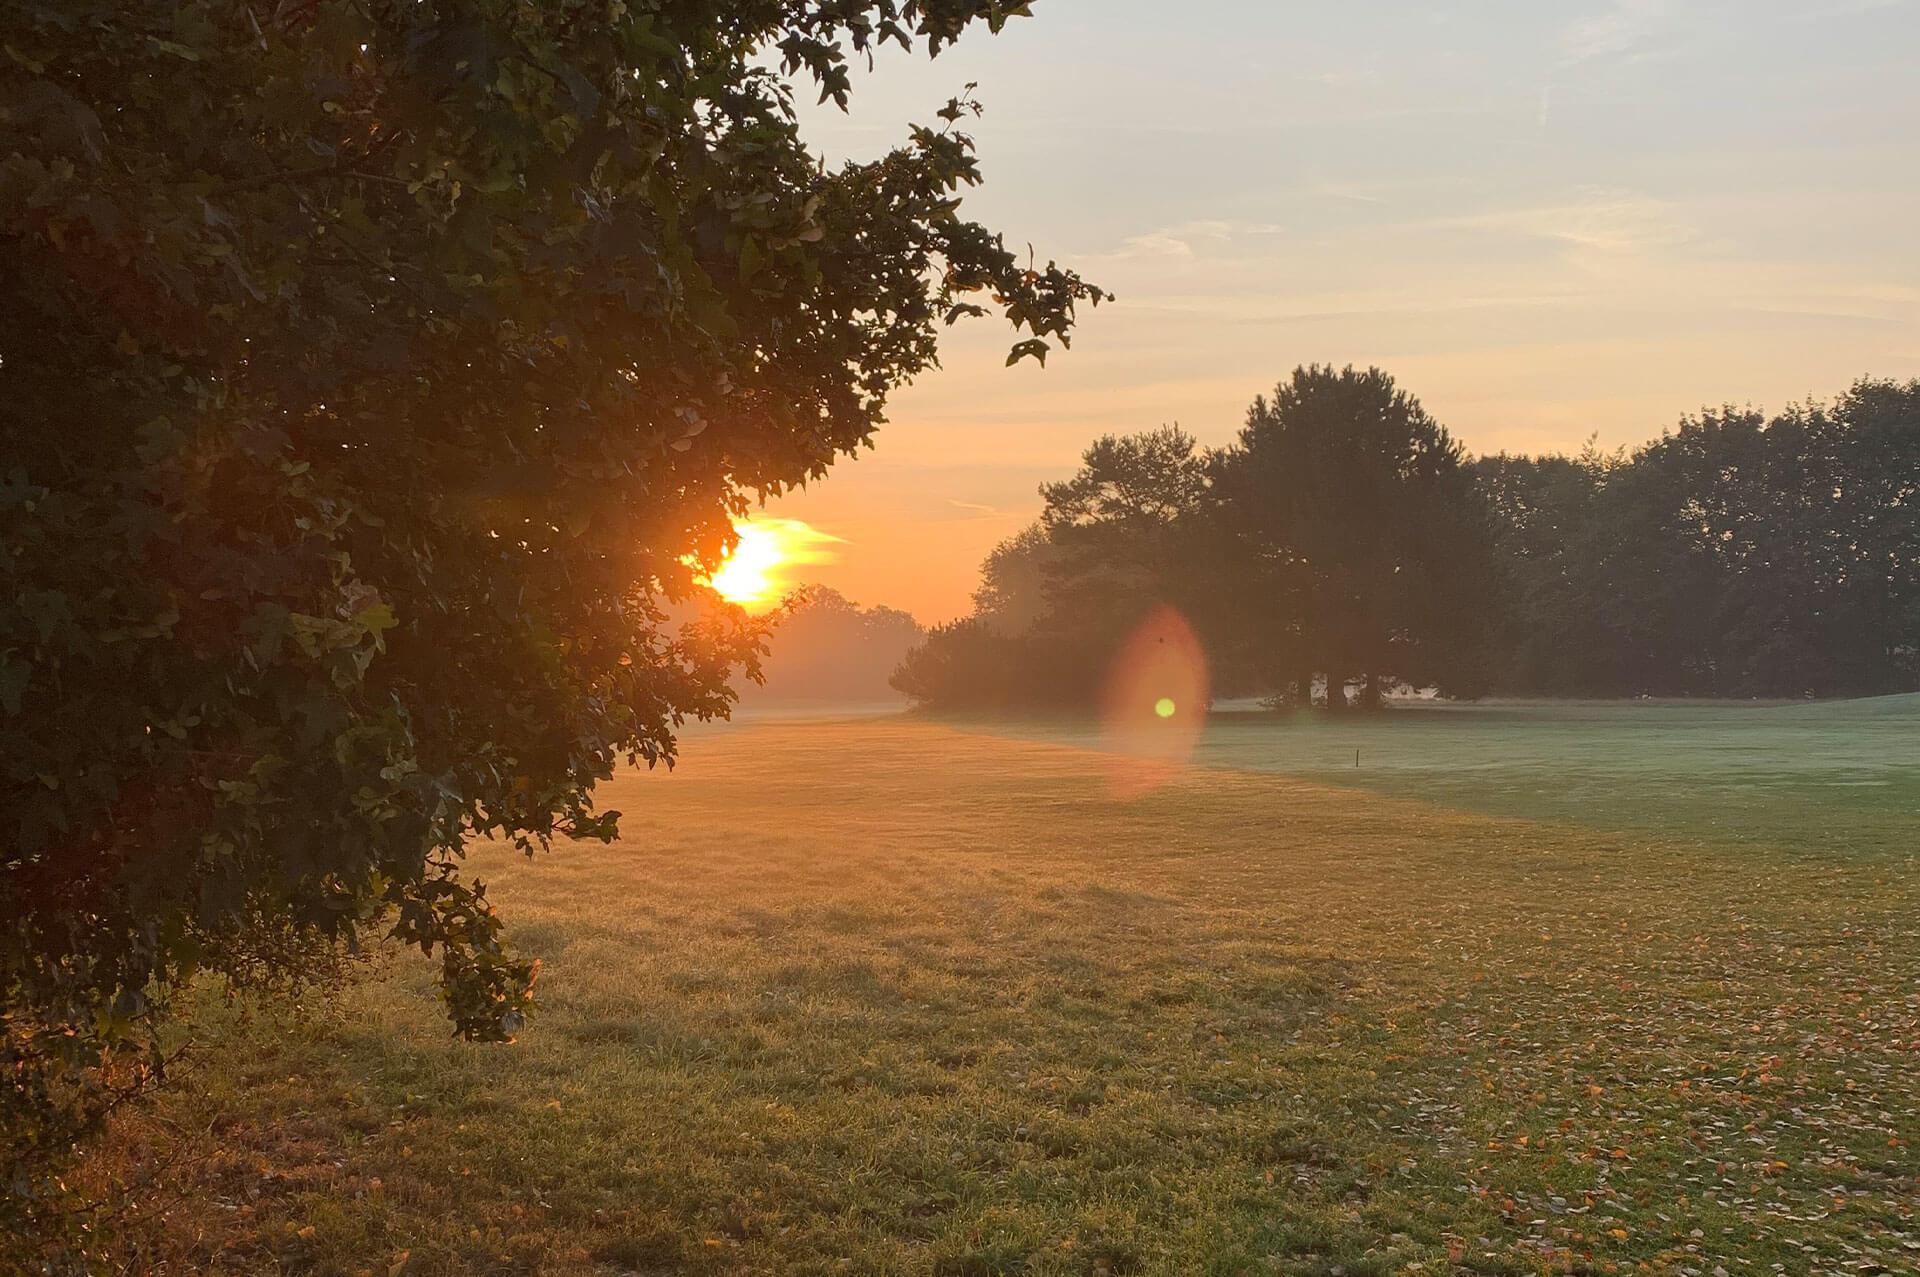 https://golfclub-peckeloh.de/wp-content/uploads/2020/10/Header_Sonnenuntergang.jpg